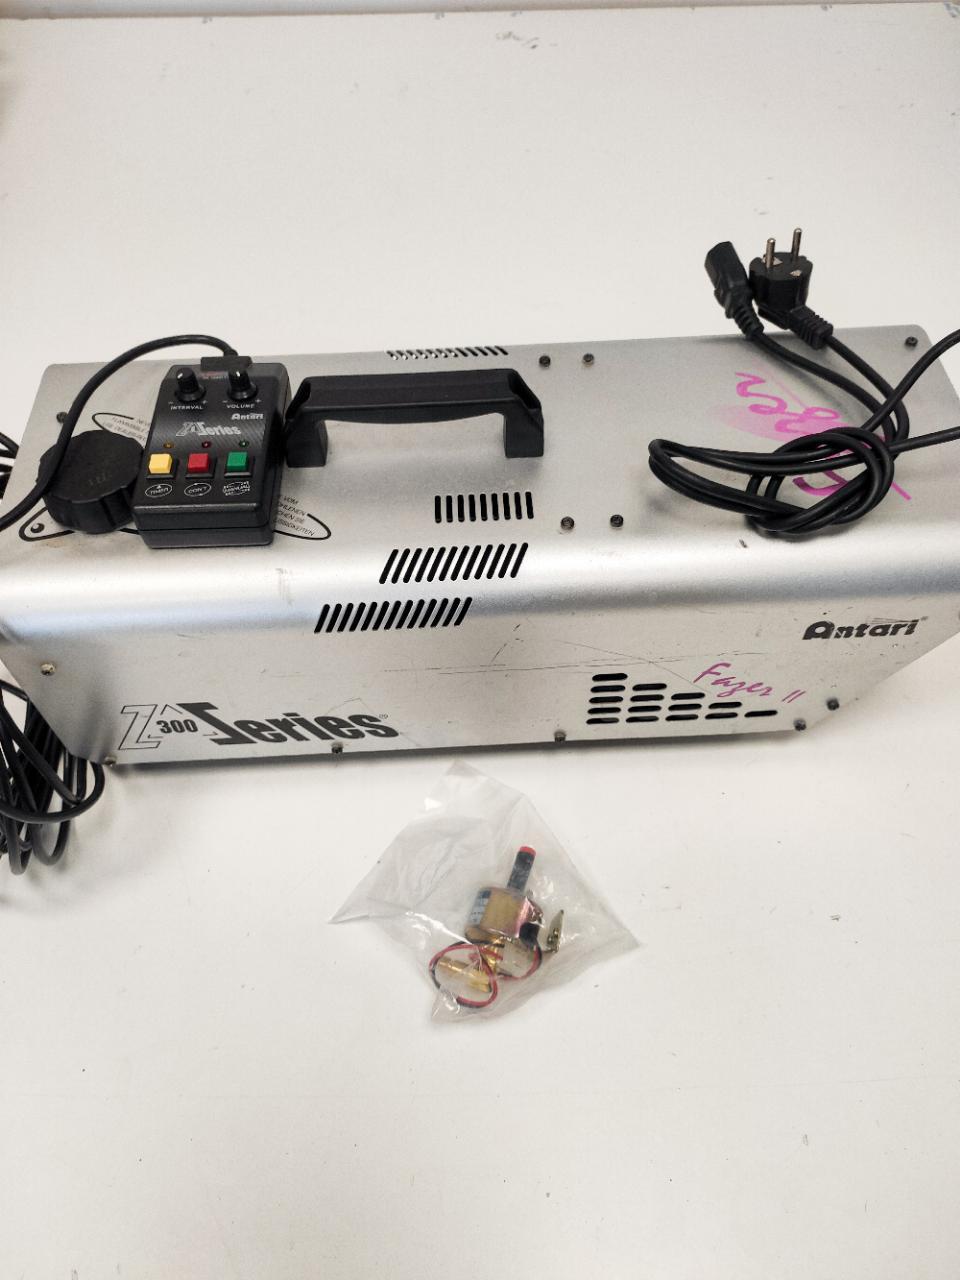 Antari Fazer Z300 (used)